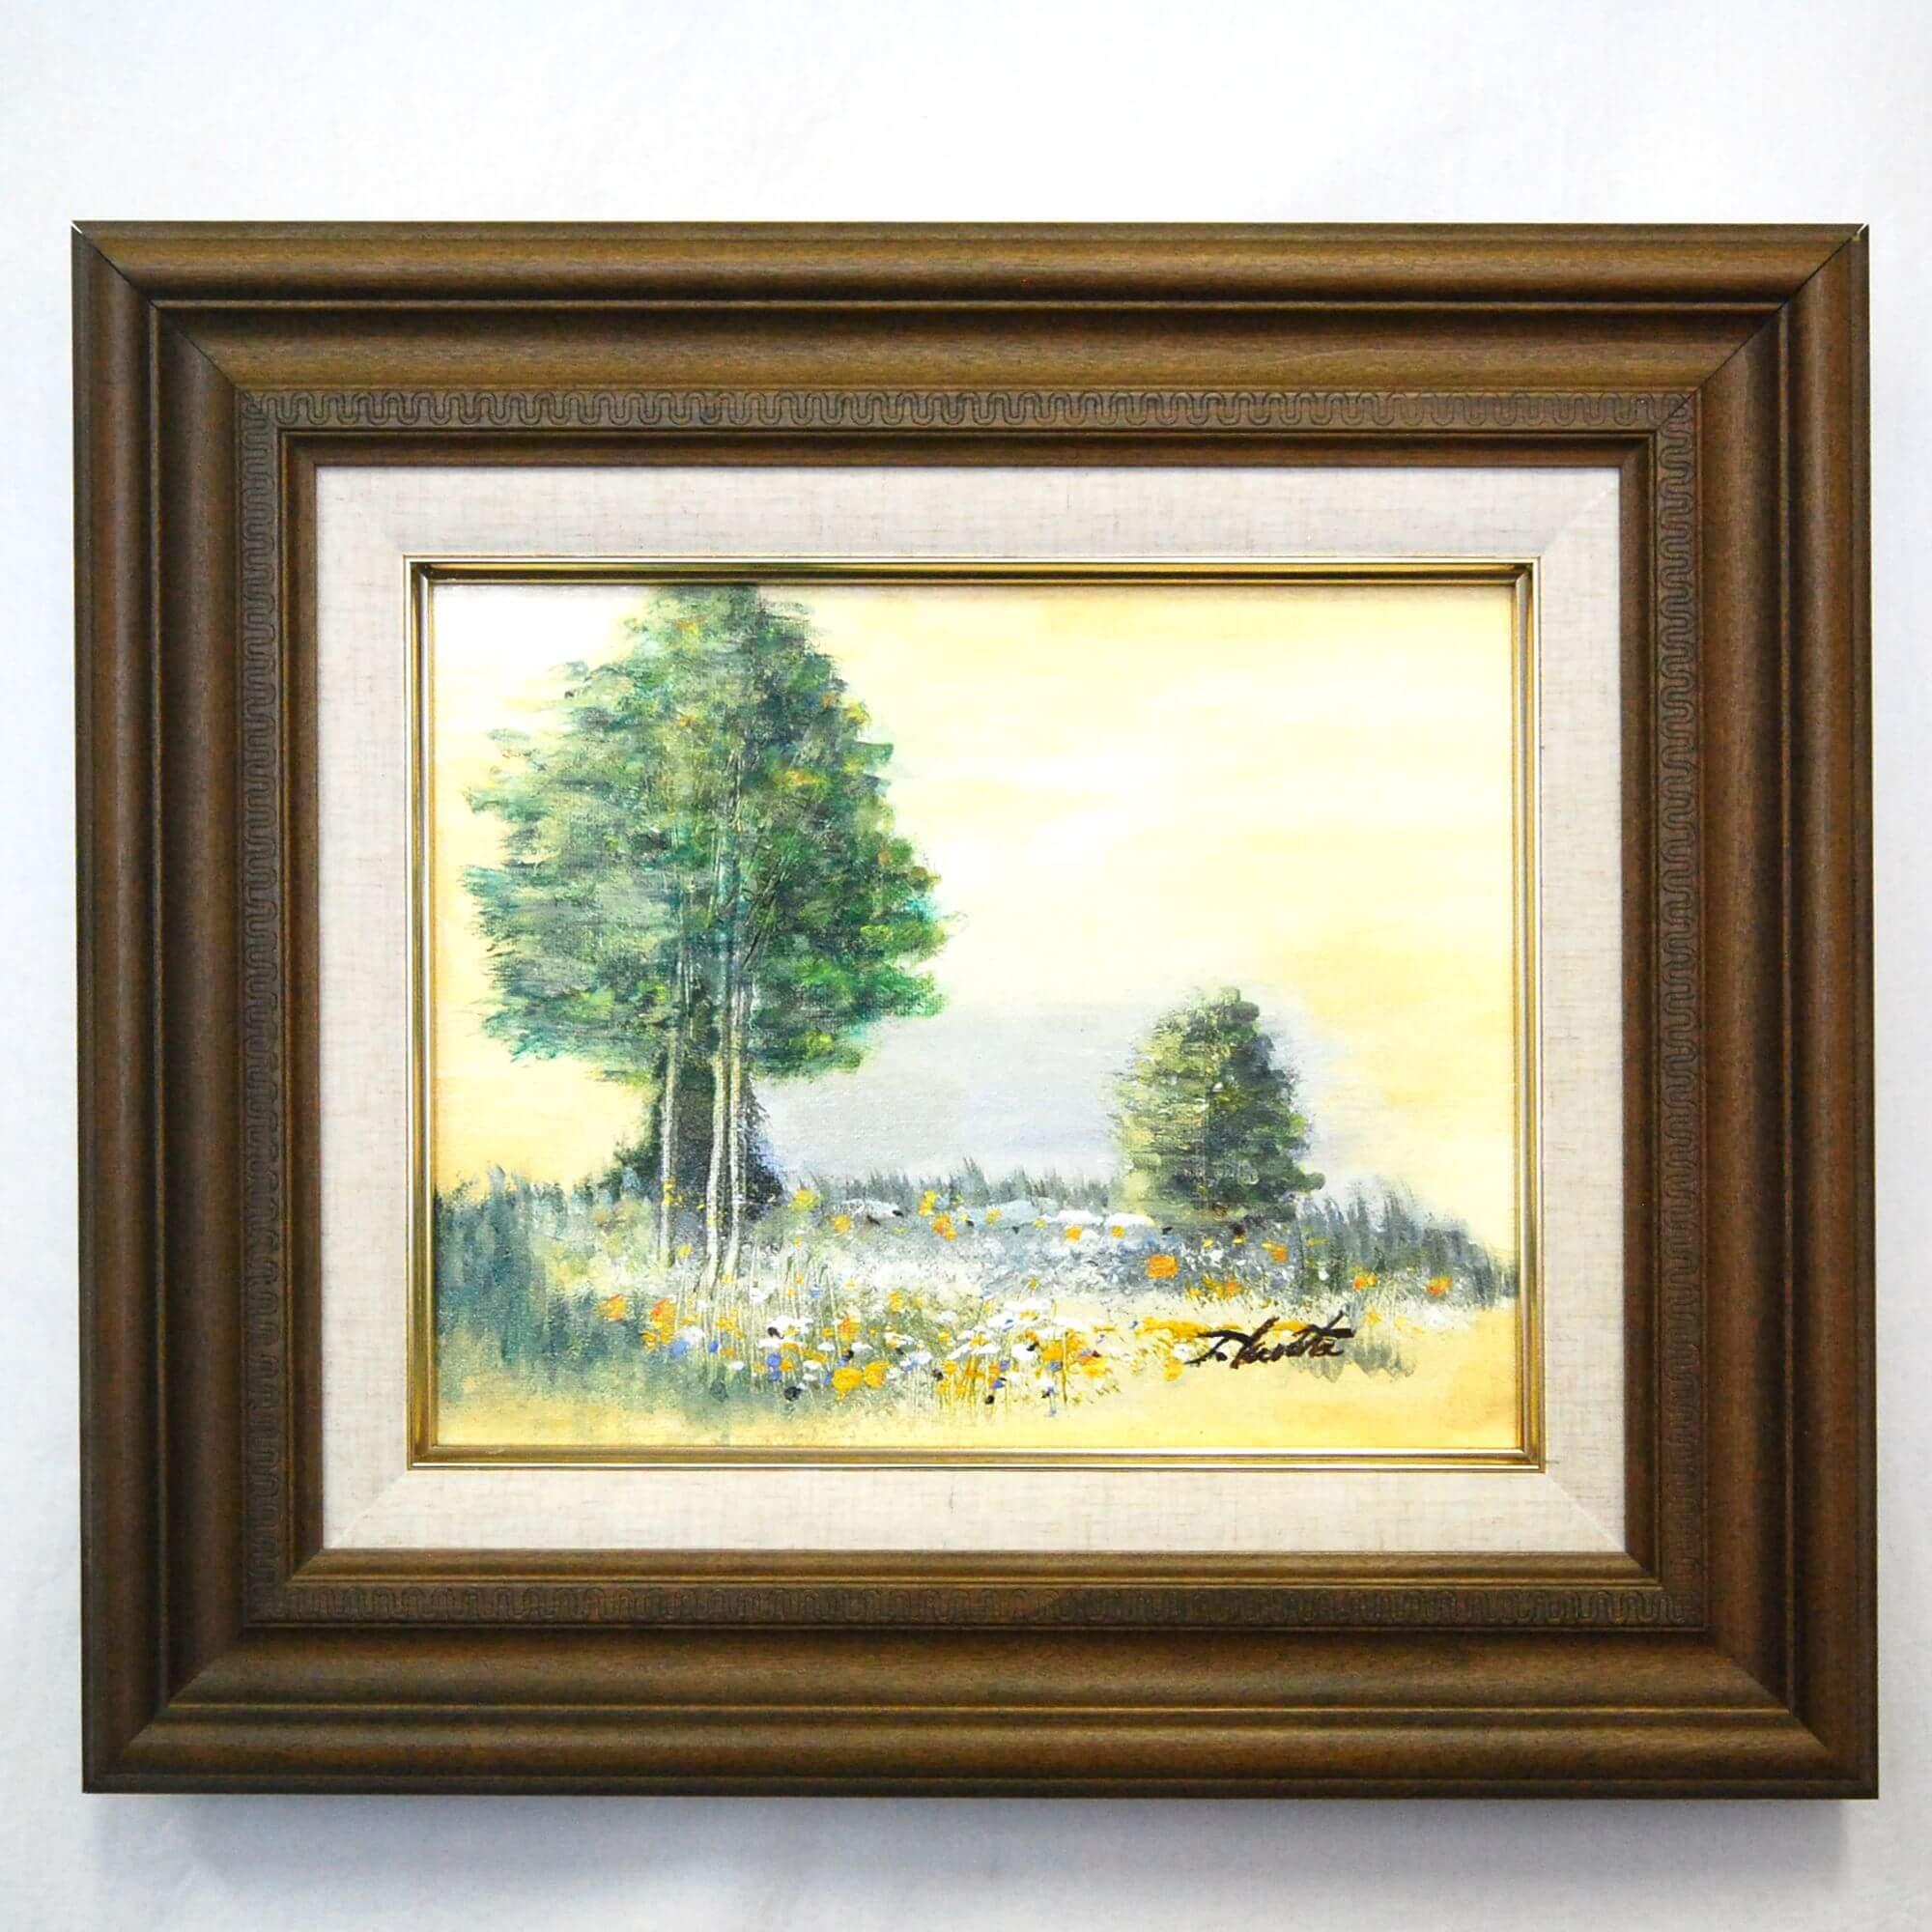 絵画: 油絵 | 倉田敏之 | 幸せのなる木 | F03